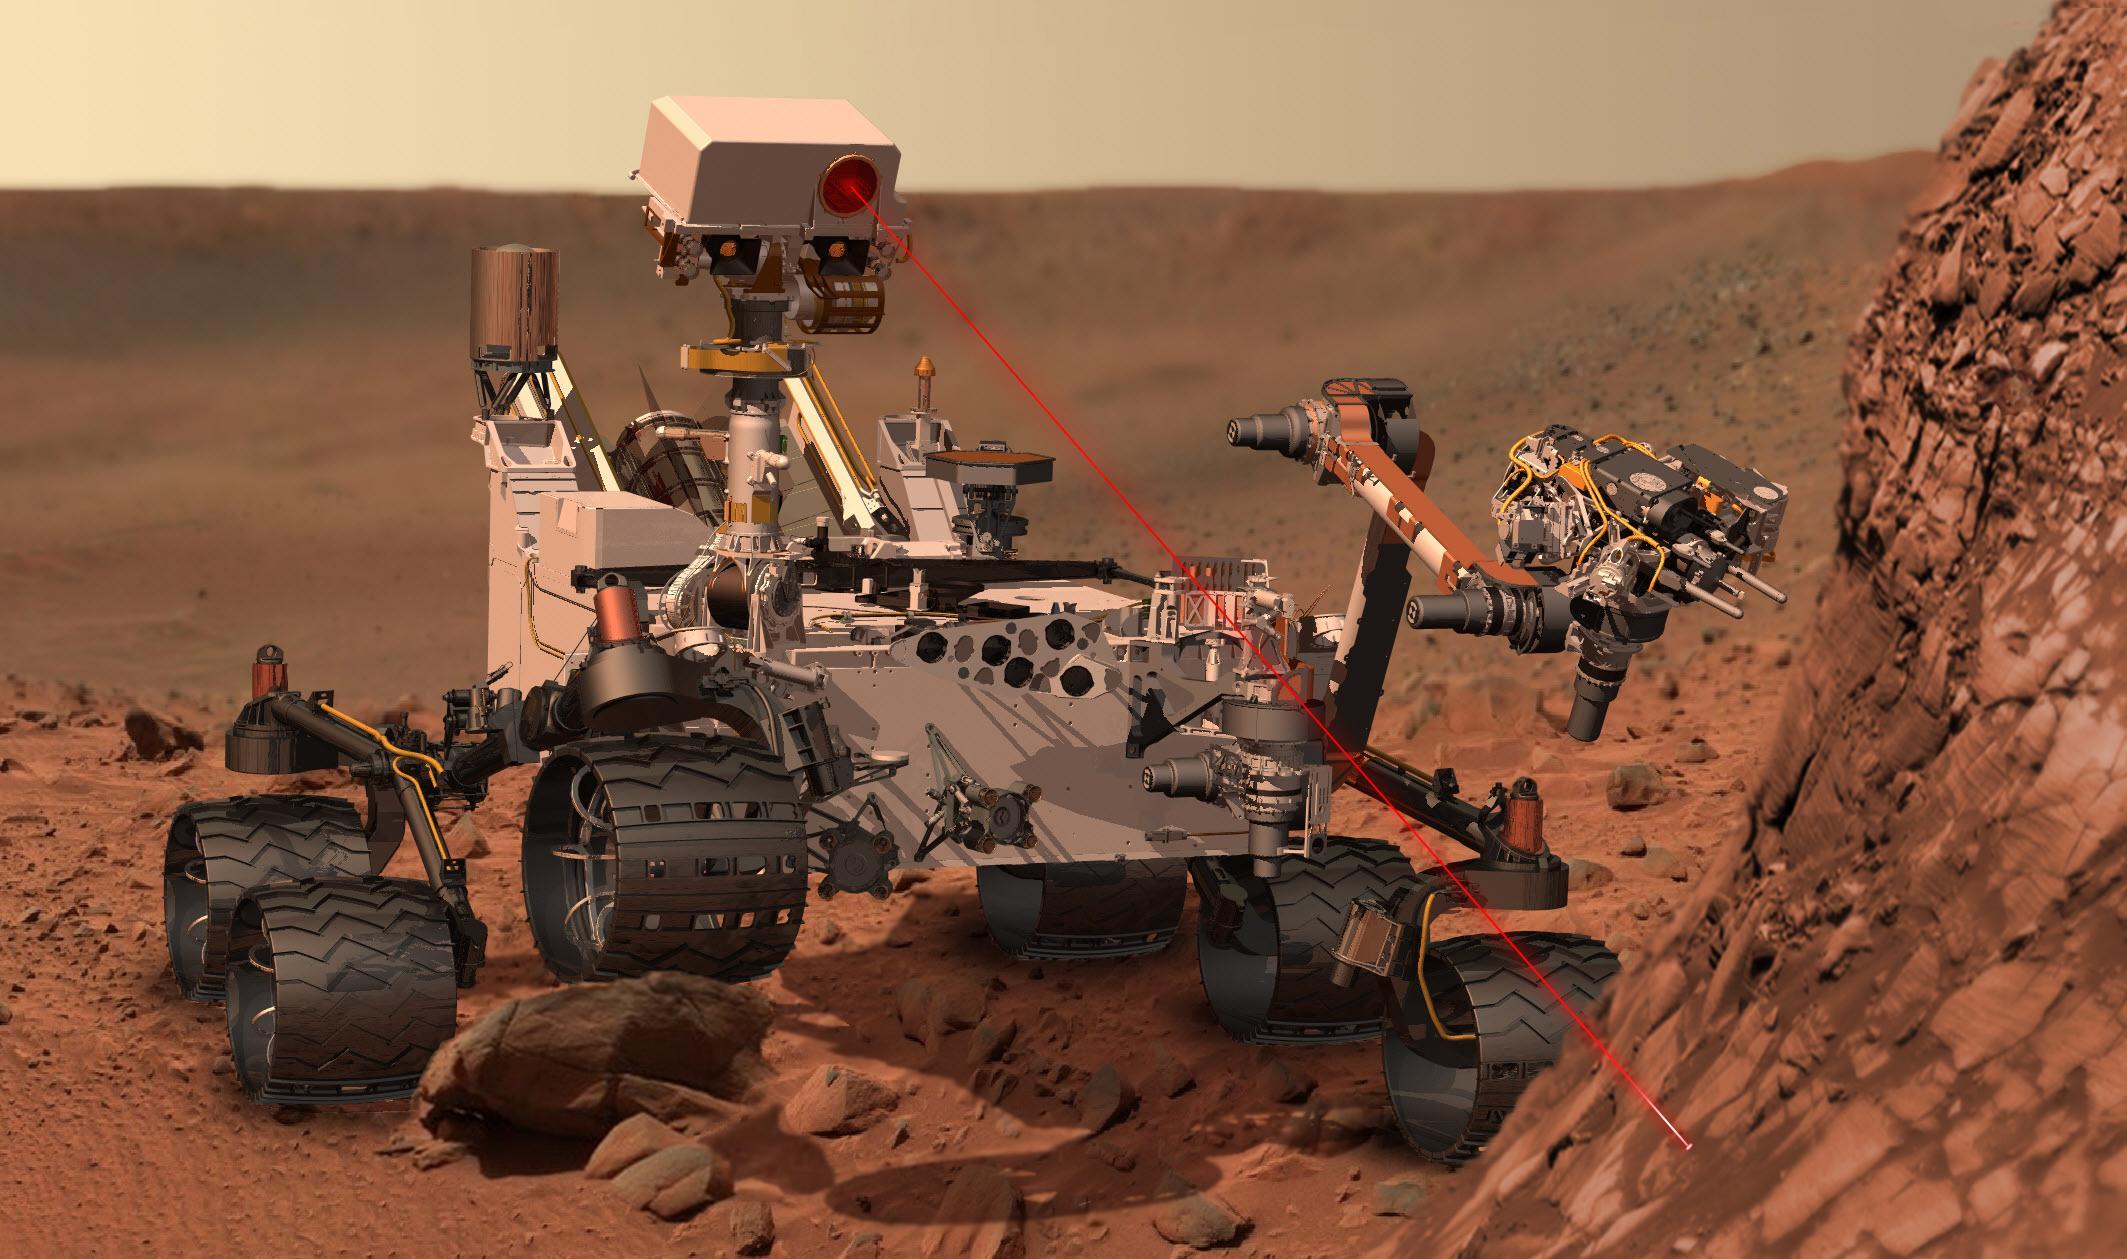 ВNASA посоветовали использовать марсоход как гнездо для дронов